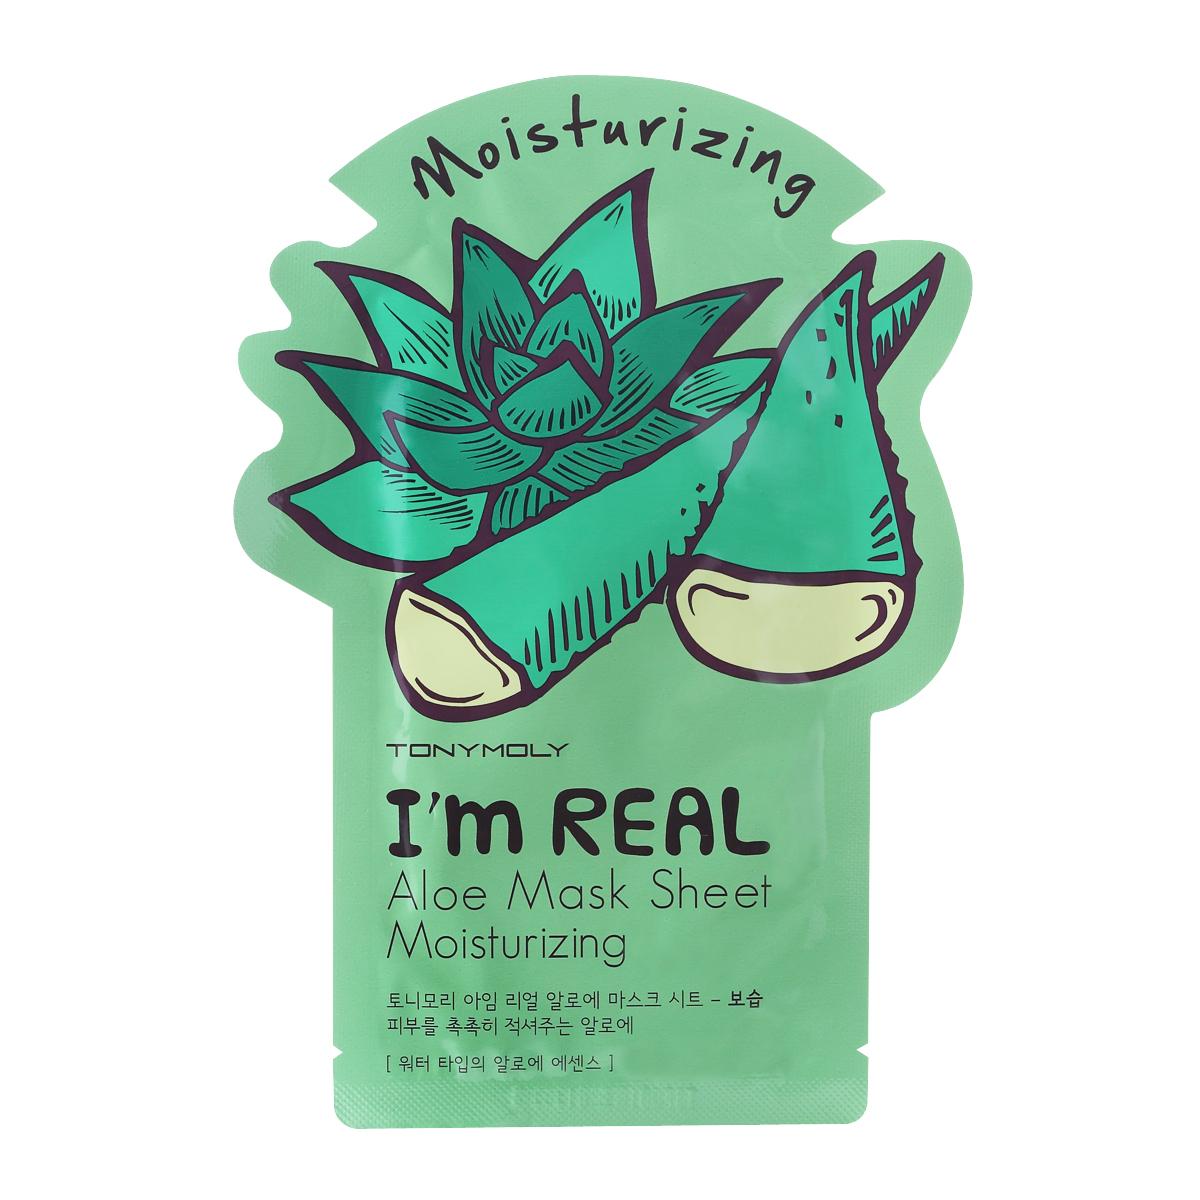 TonyMoly Тканевая маска с экстрактом алое Im Real Aloe Mask Sheet, 21 млSS05037800Увлажняющая маска с экстрактом алоэ создана специально для кожи, нуждающейся в интенсивном питании и увлажнении. Экстракт алоэ успокаивает раздраженную кожу, снимает покраснения, шелушения и раздражения. Кроме алоэ, в состав маски входит большое количество минералов, витаминов и аминокислот, которые улучшают кровообращение, обладают бактерицидным действием и уменьшают проявление угрей и прыщей. Маска подходит для любой кожи, нуждающейся в интенсивном увлажнении и питании. Не содержит парабенов, талька и искусственных красителей. Марка Tony Moly чаще всего размещает на упаковке (внизу или наверху на спайке двух сторон упаковки, на дне банки, на тубе сбоку) дату изготовления в формате: год/месяц/дата.